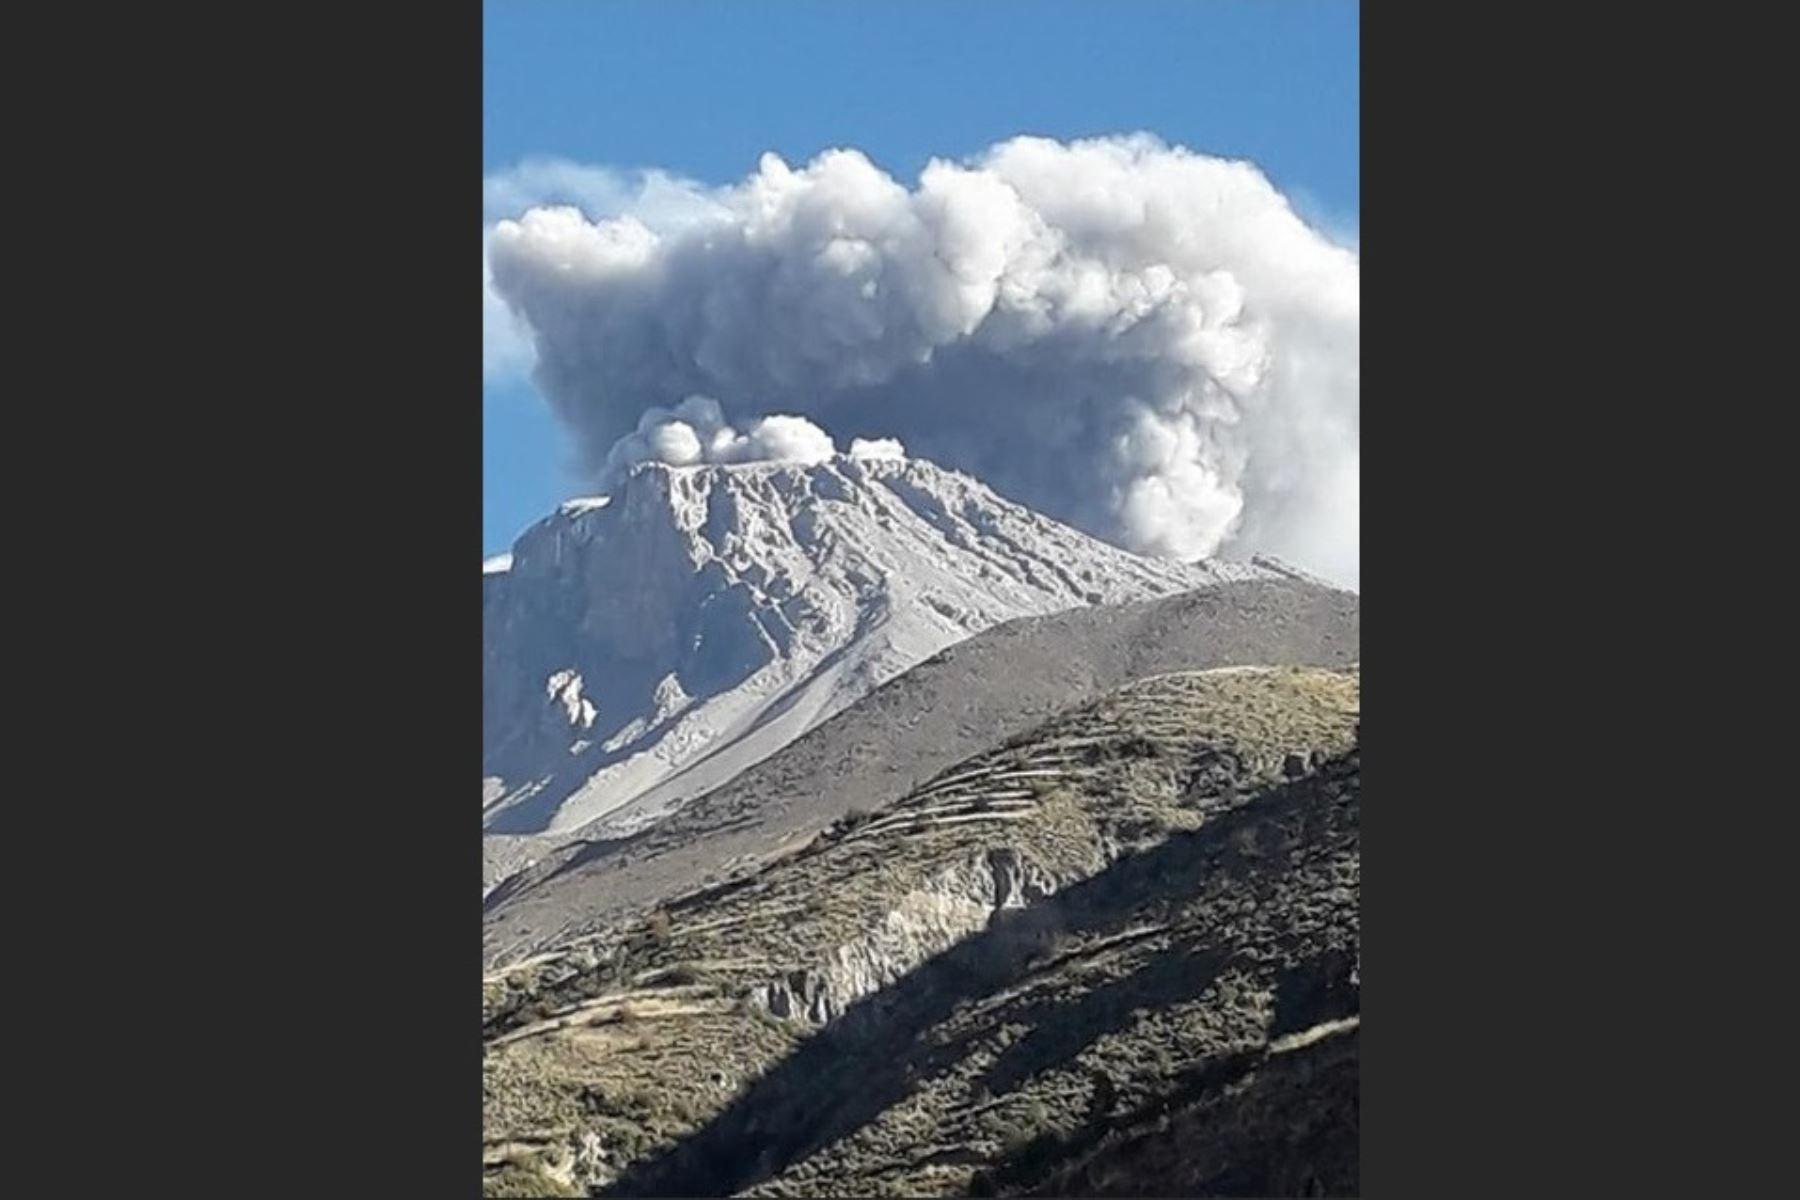 El volcán Ubinas inició un nuevo proceso eruptivo, afirma el IGP. Foto: Radioaficionados.